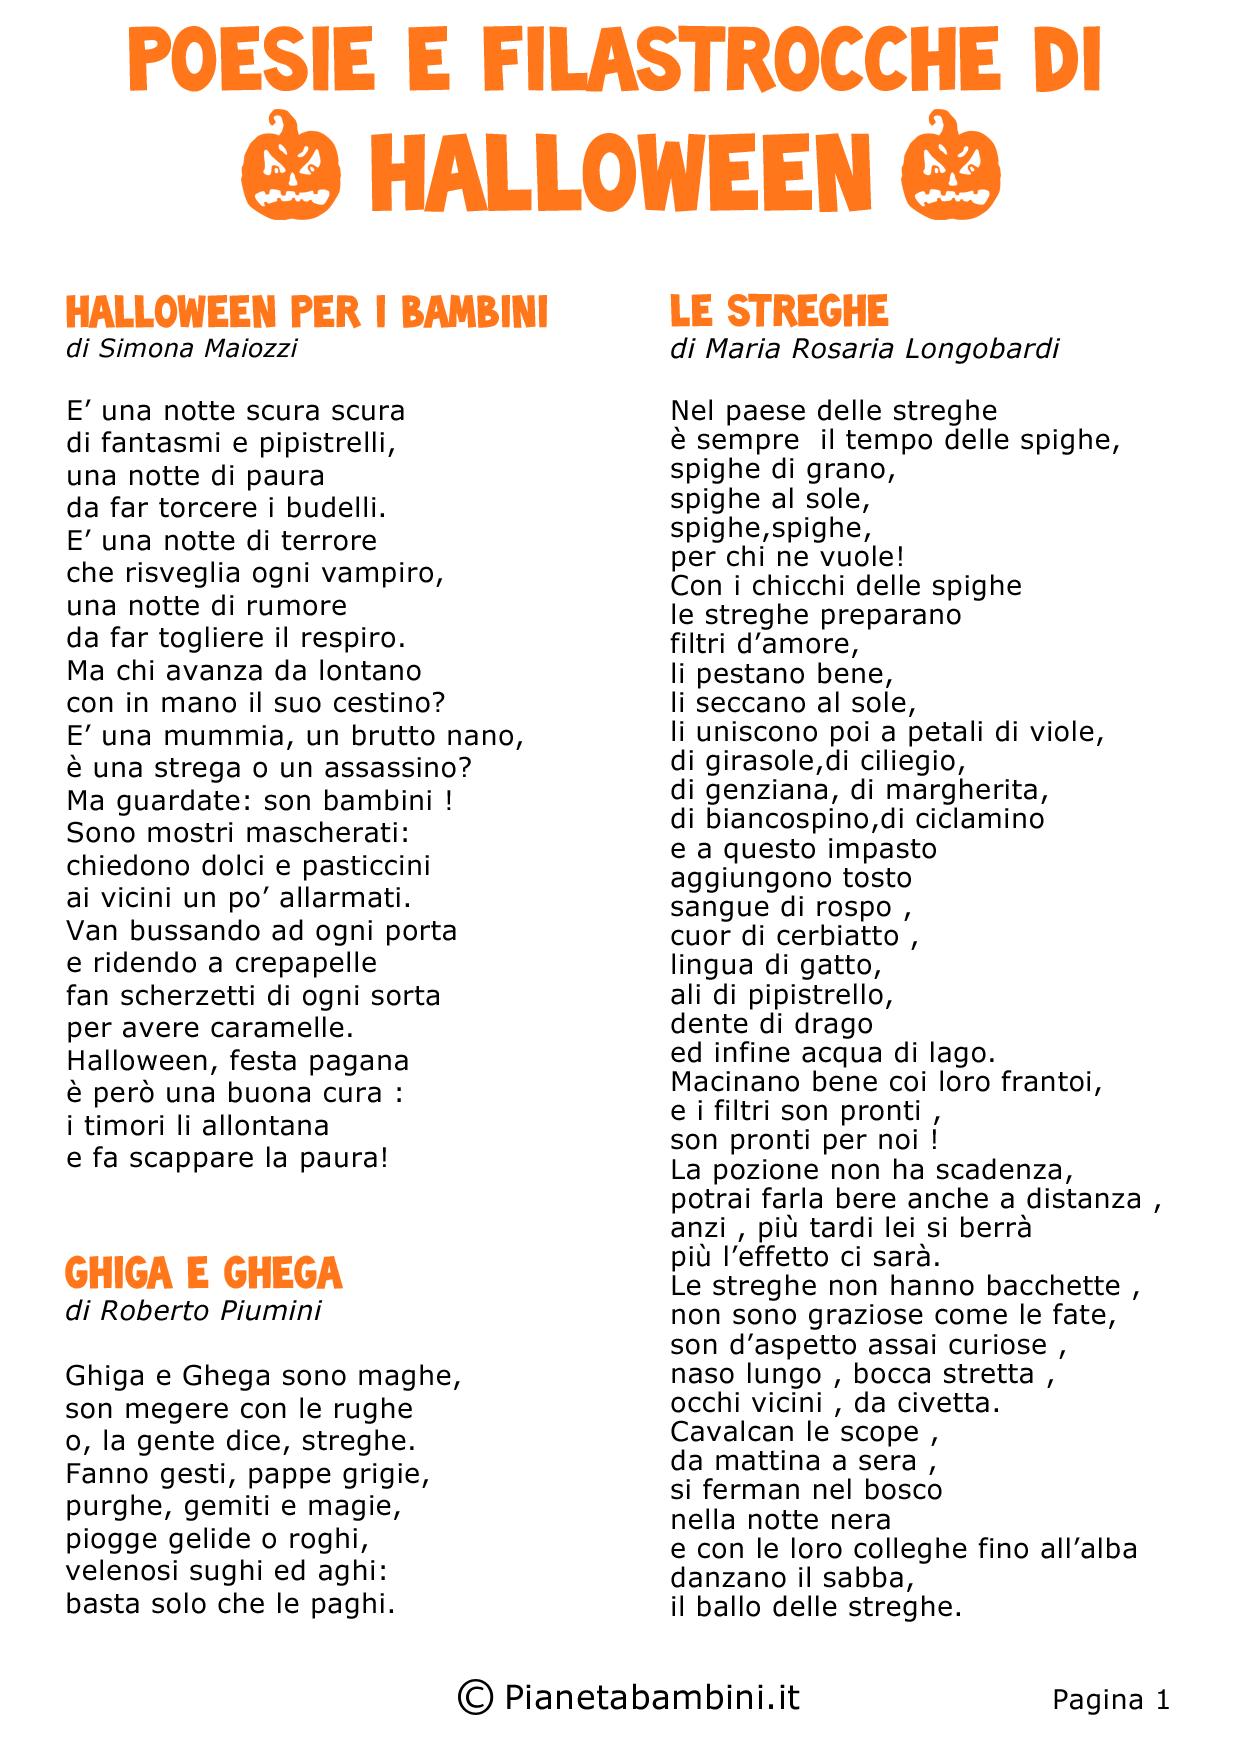 30 Poesie E Filastrocche Di Halloween Per Bambini Pianetabambini It